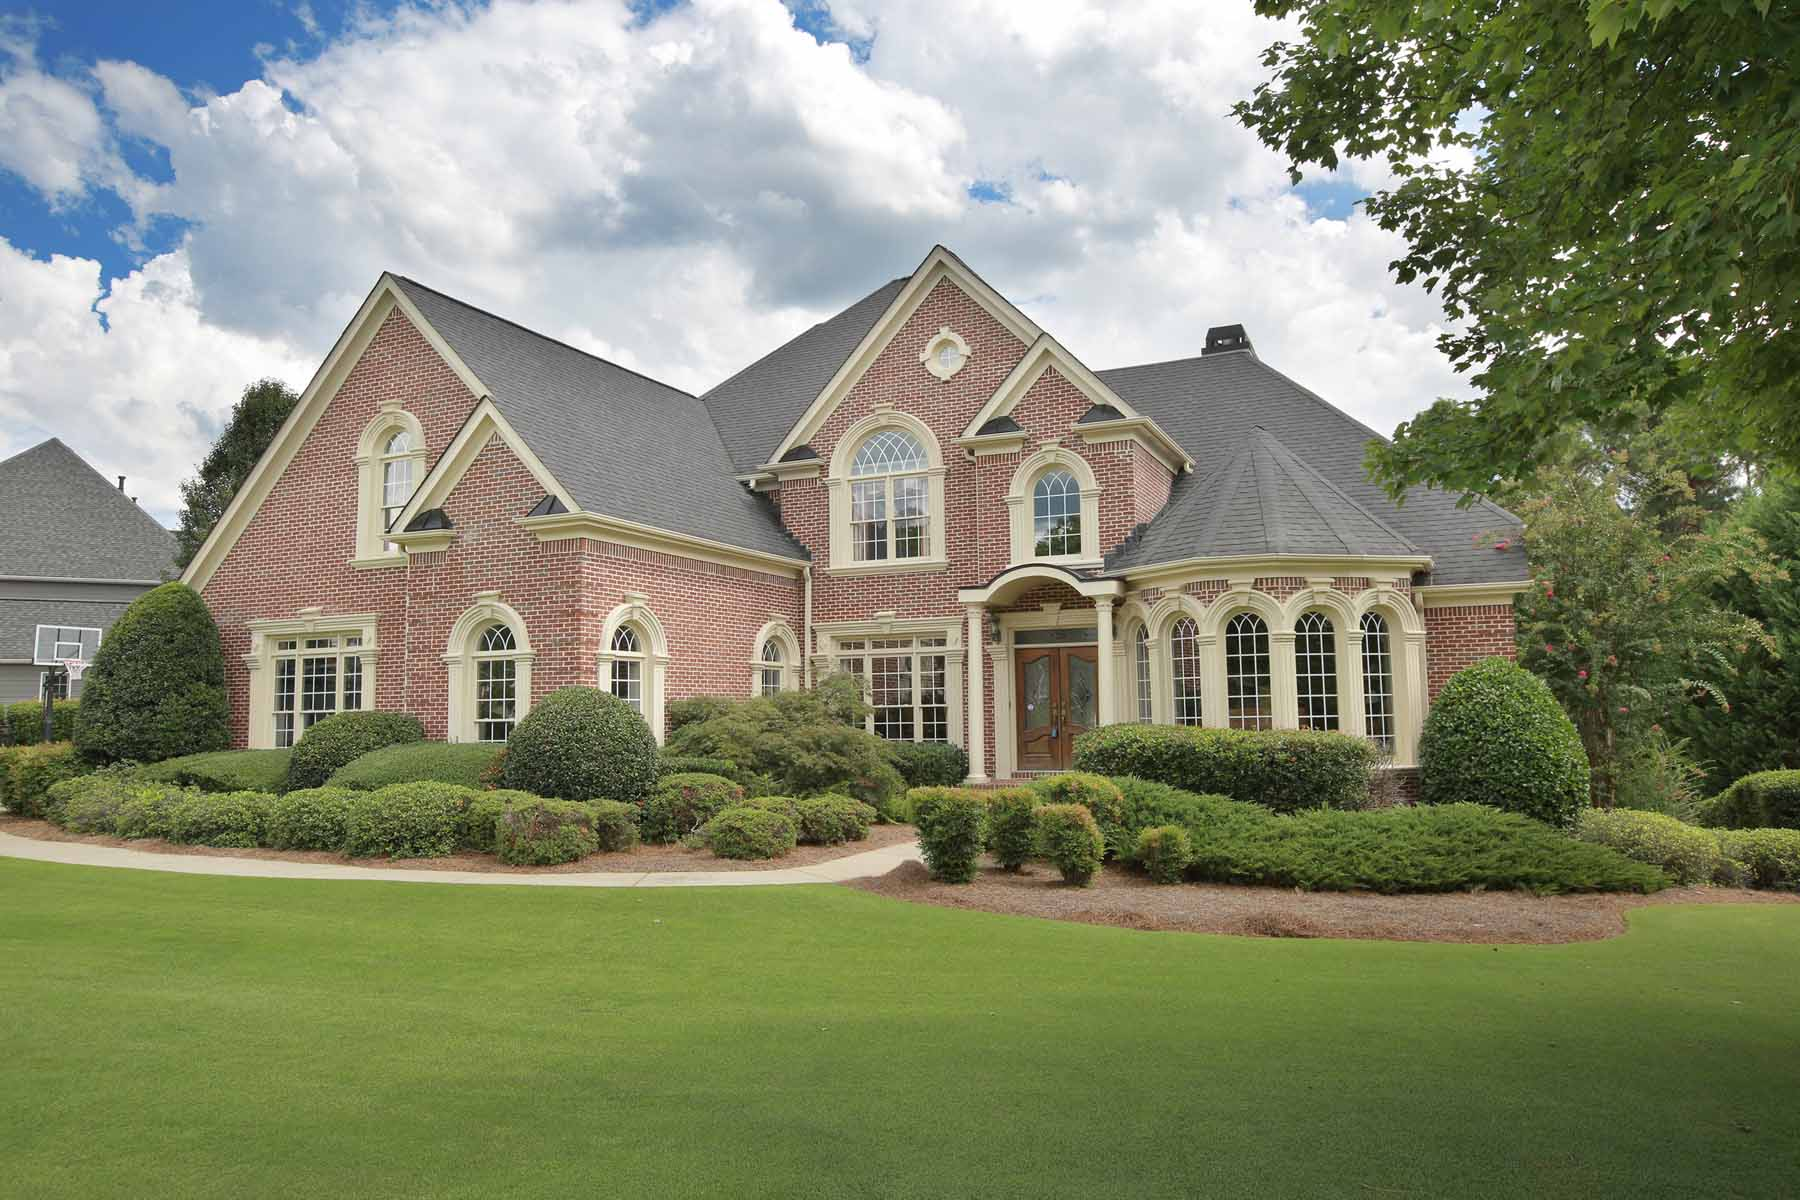 Maison unifamiliale pour l Vente à Exemplary Custom Built Home in Reserve at Bridgemill 2025 Gold Leaf Parkway Canton, Georgia, 30114 États-Unis